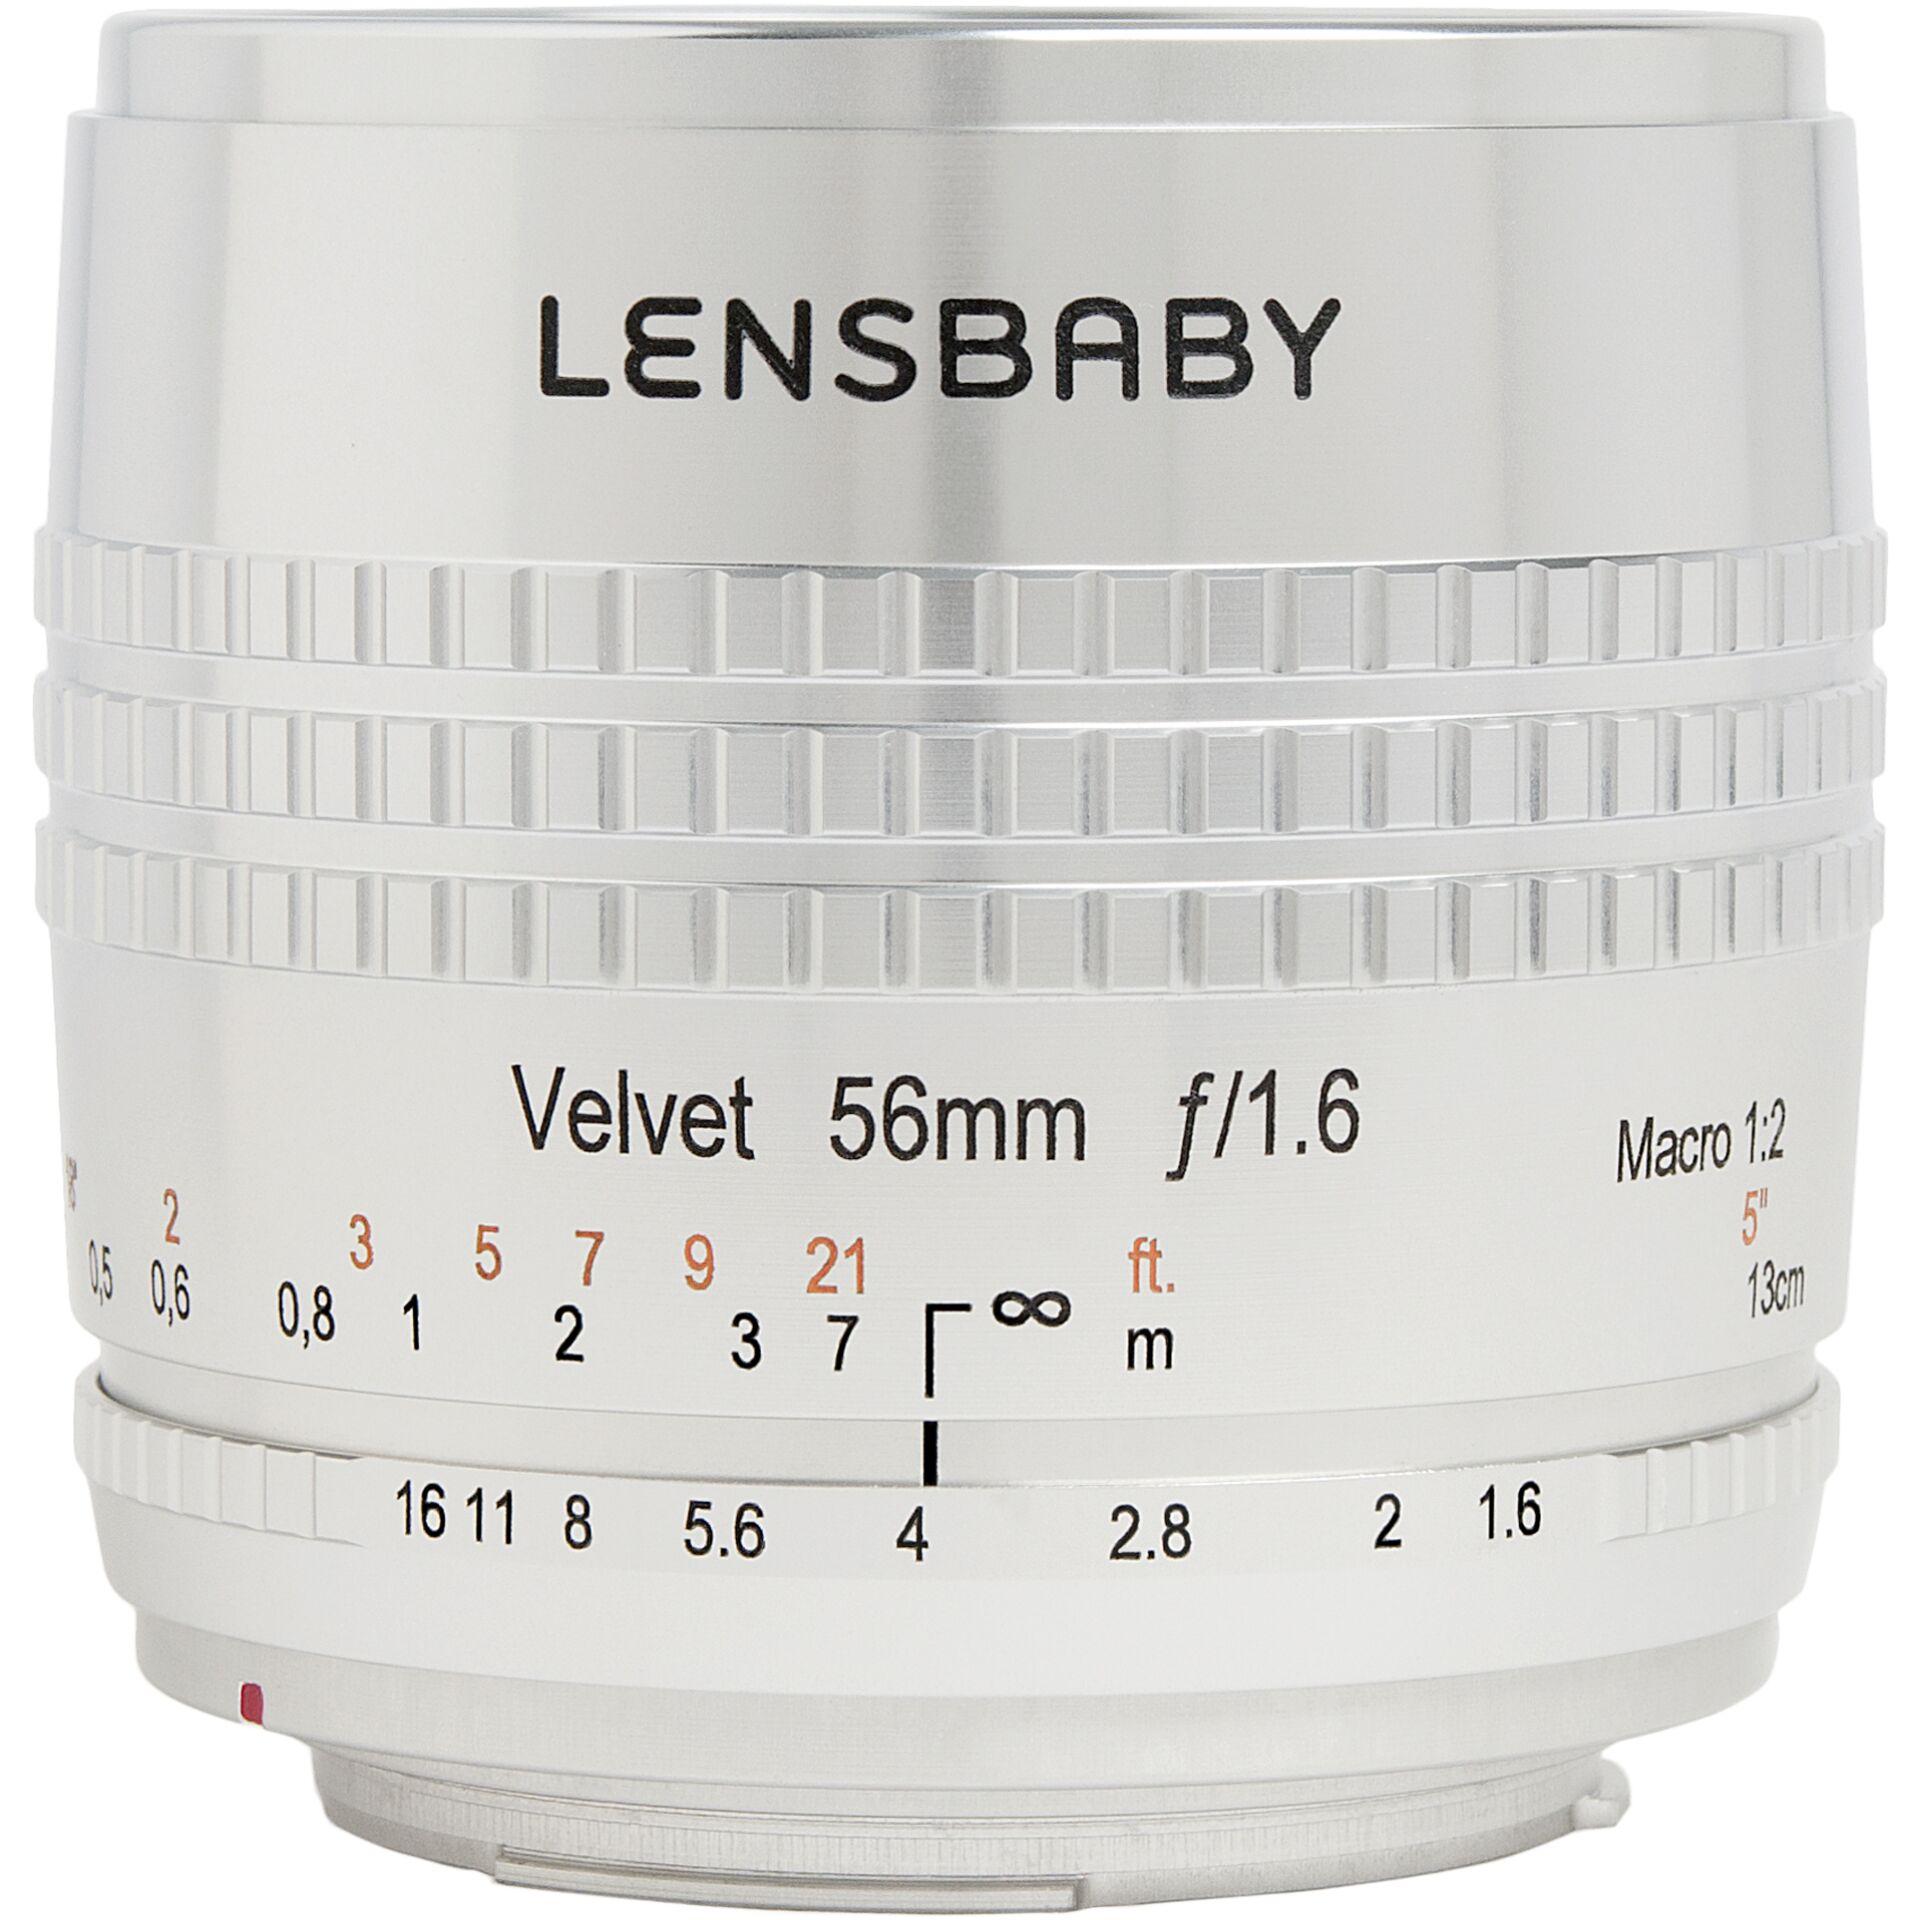 Lensbaby Velvet 56 SE Canon EF silver